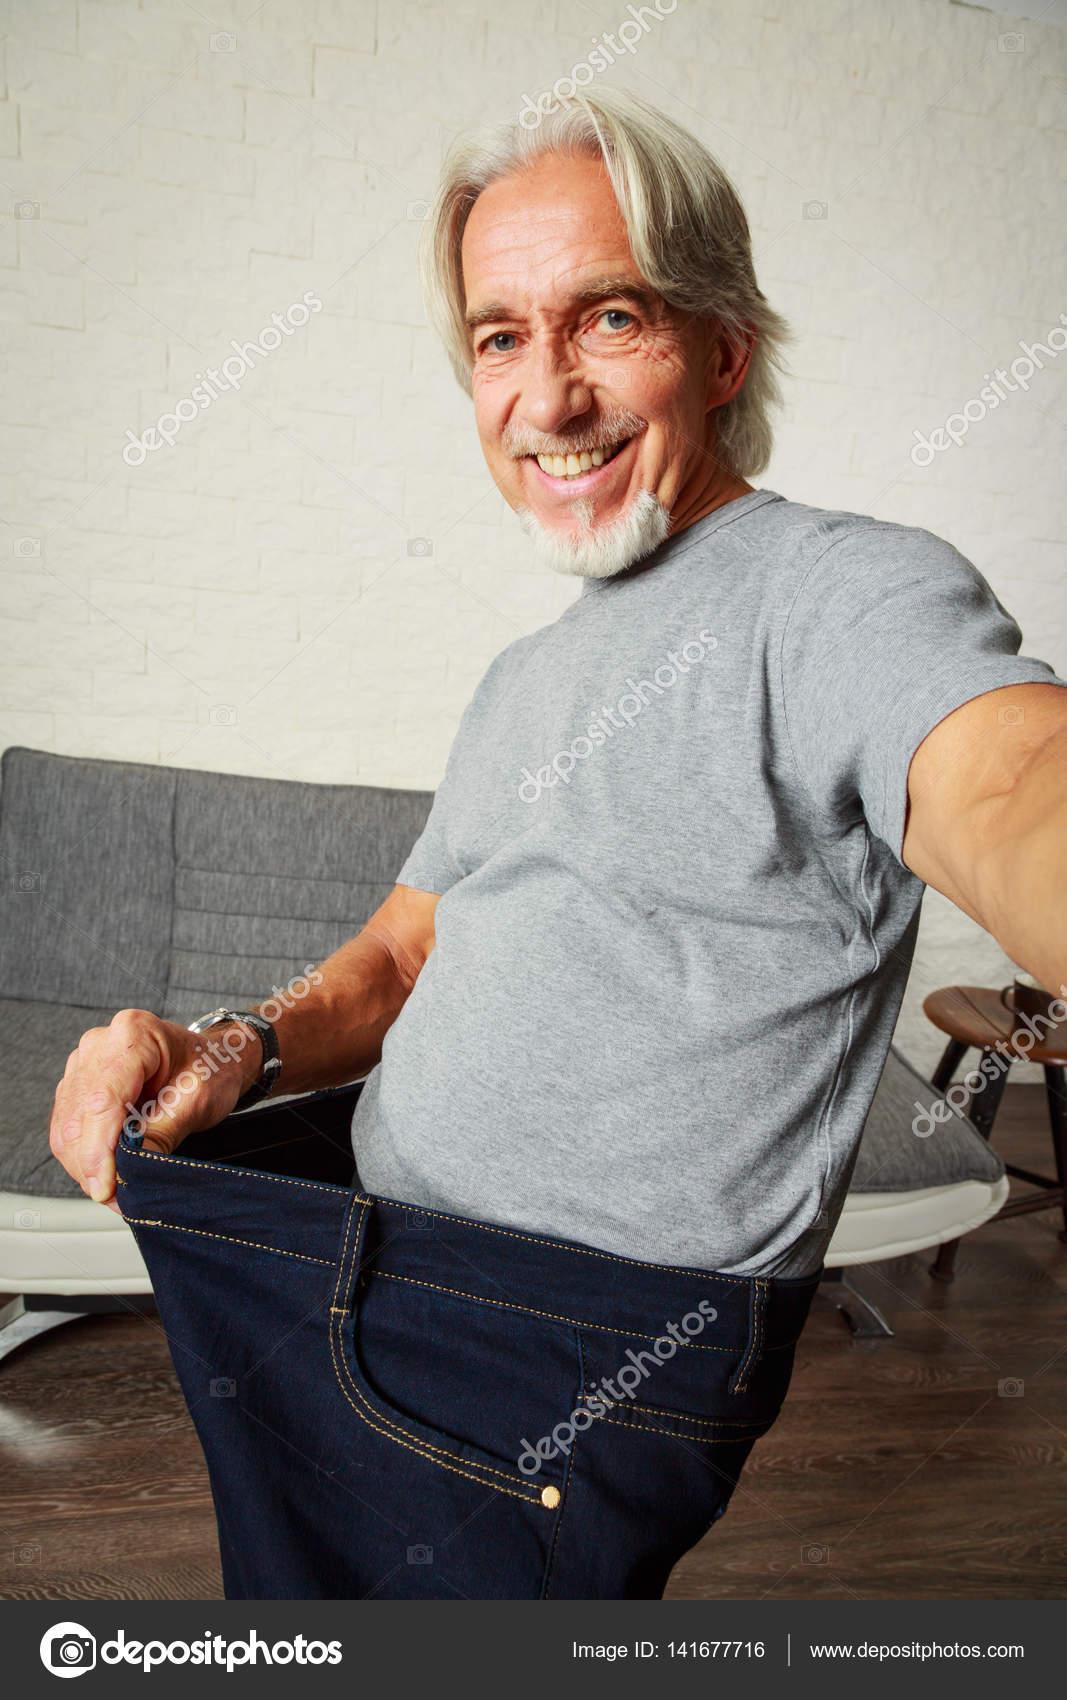 fogyás középkorú férfi